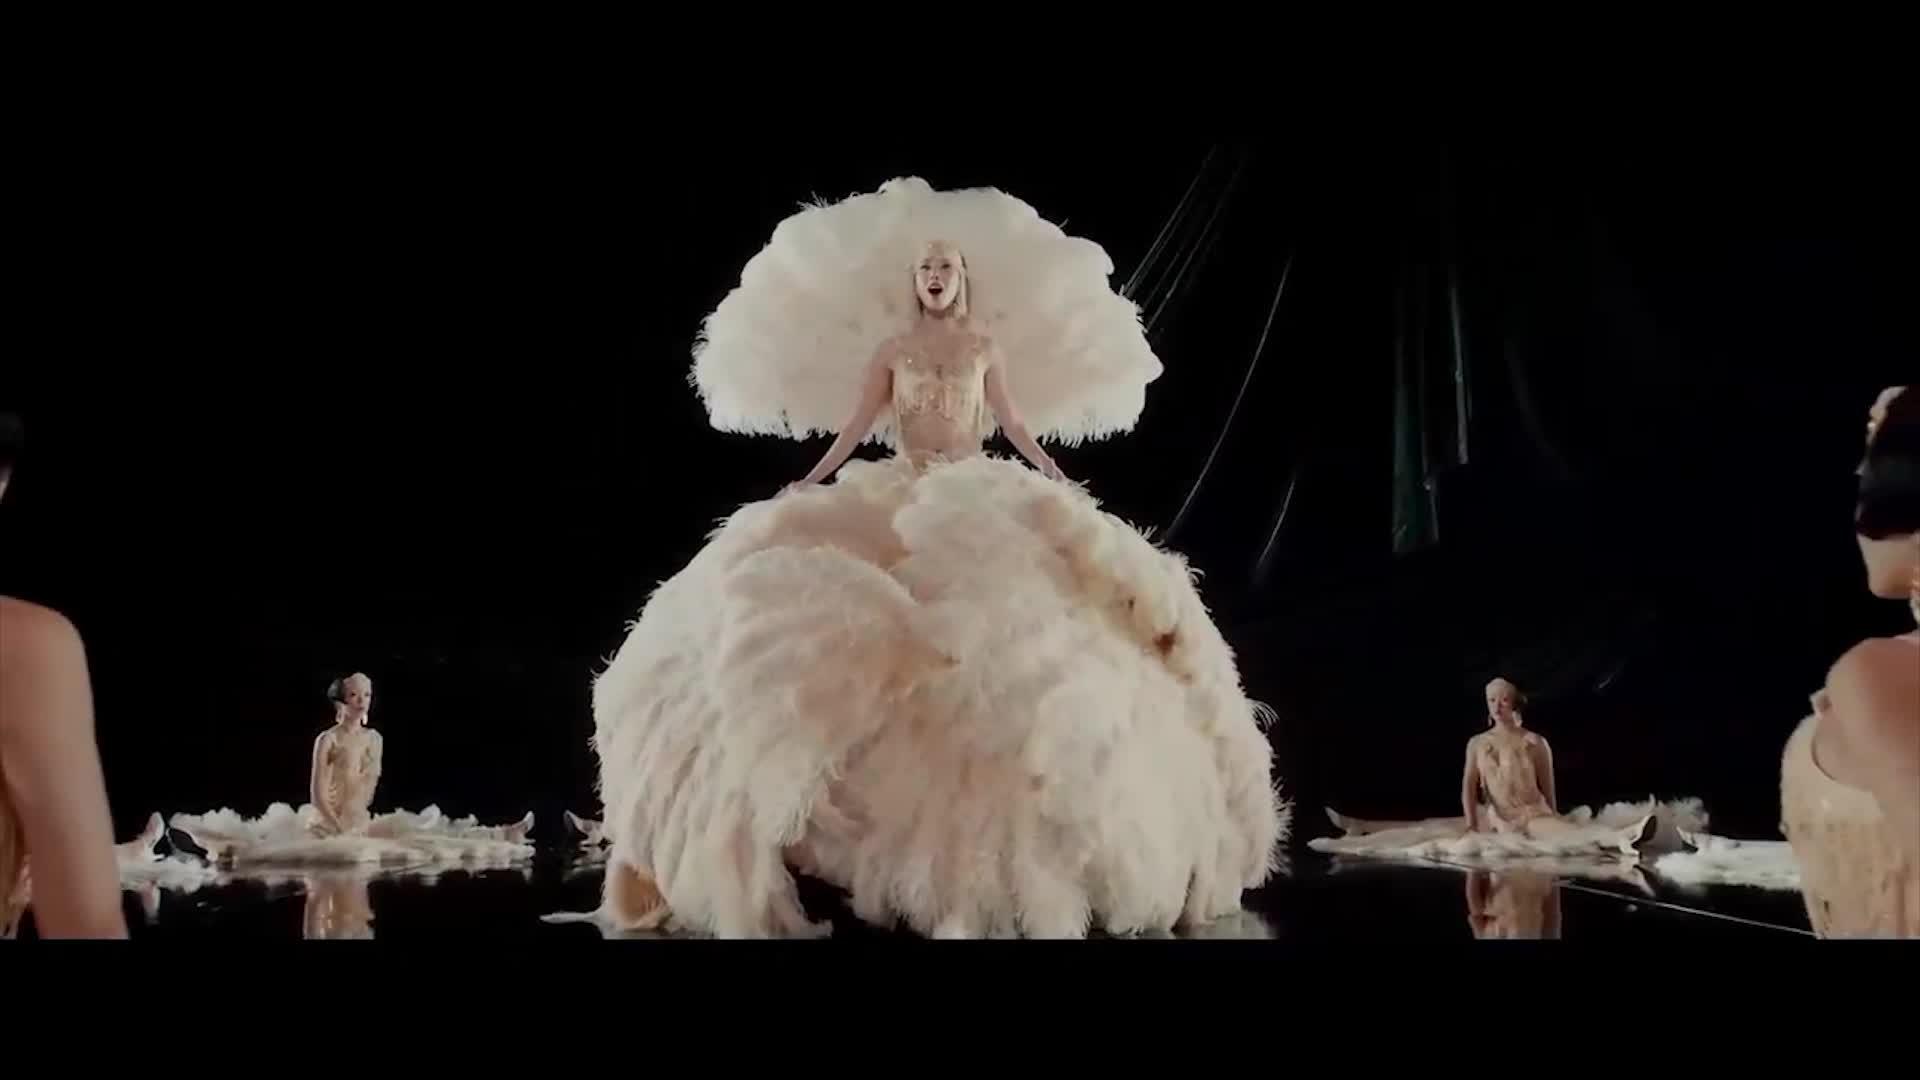 这种棉花舞蹈还是第一次看,看着很漂亮啊